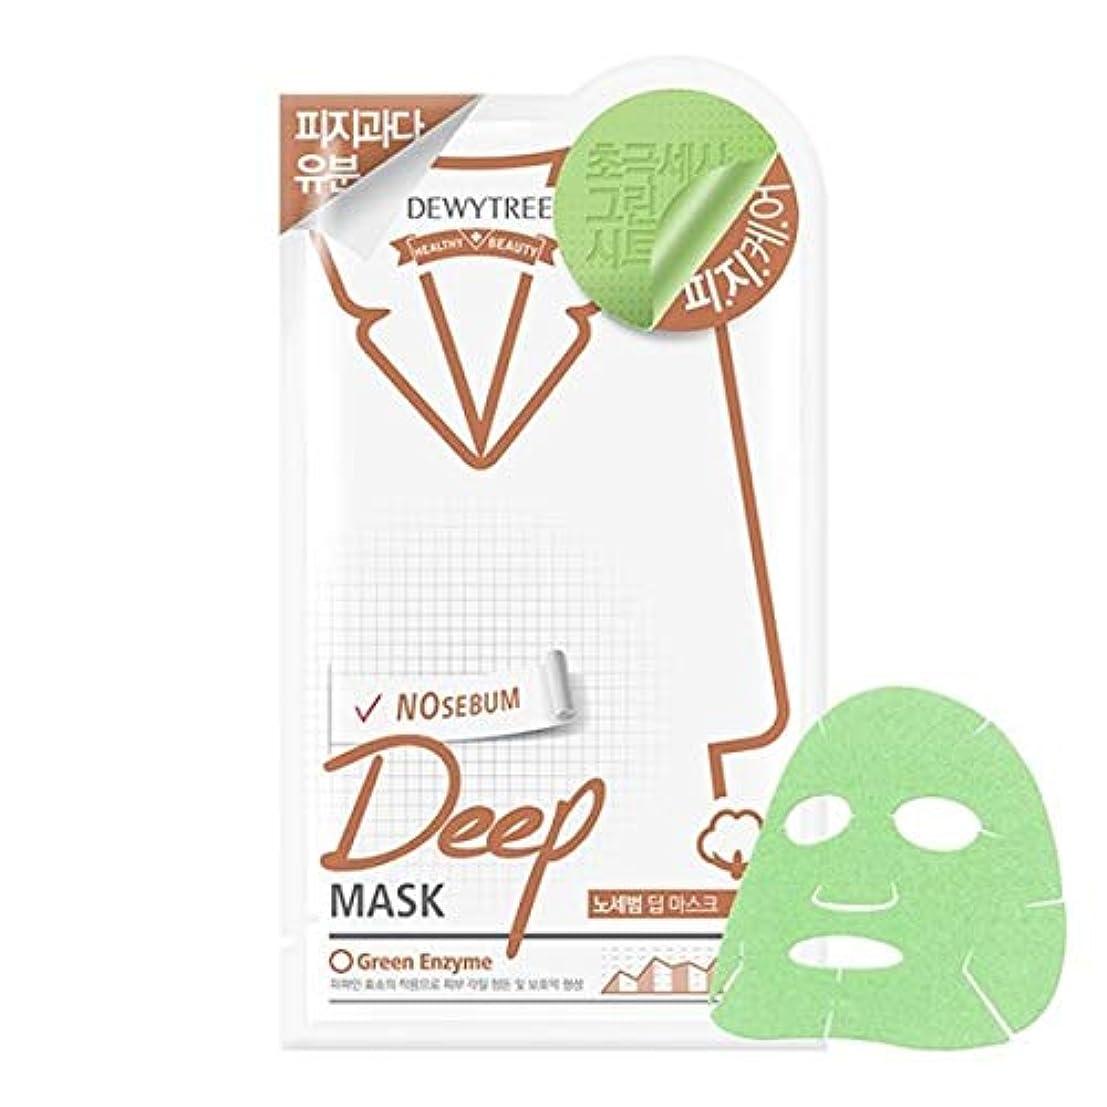 キャンプピニオン脳(デューイトゥリー) DEWYTREE ノセボムディープマスク 20枚 Nosebum Deep Mask 韓国マスクパック (並行輸入品)